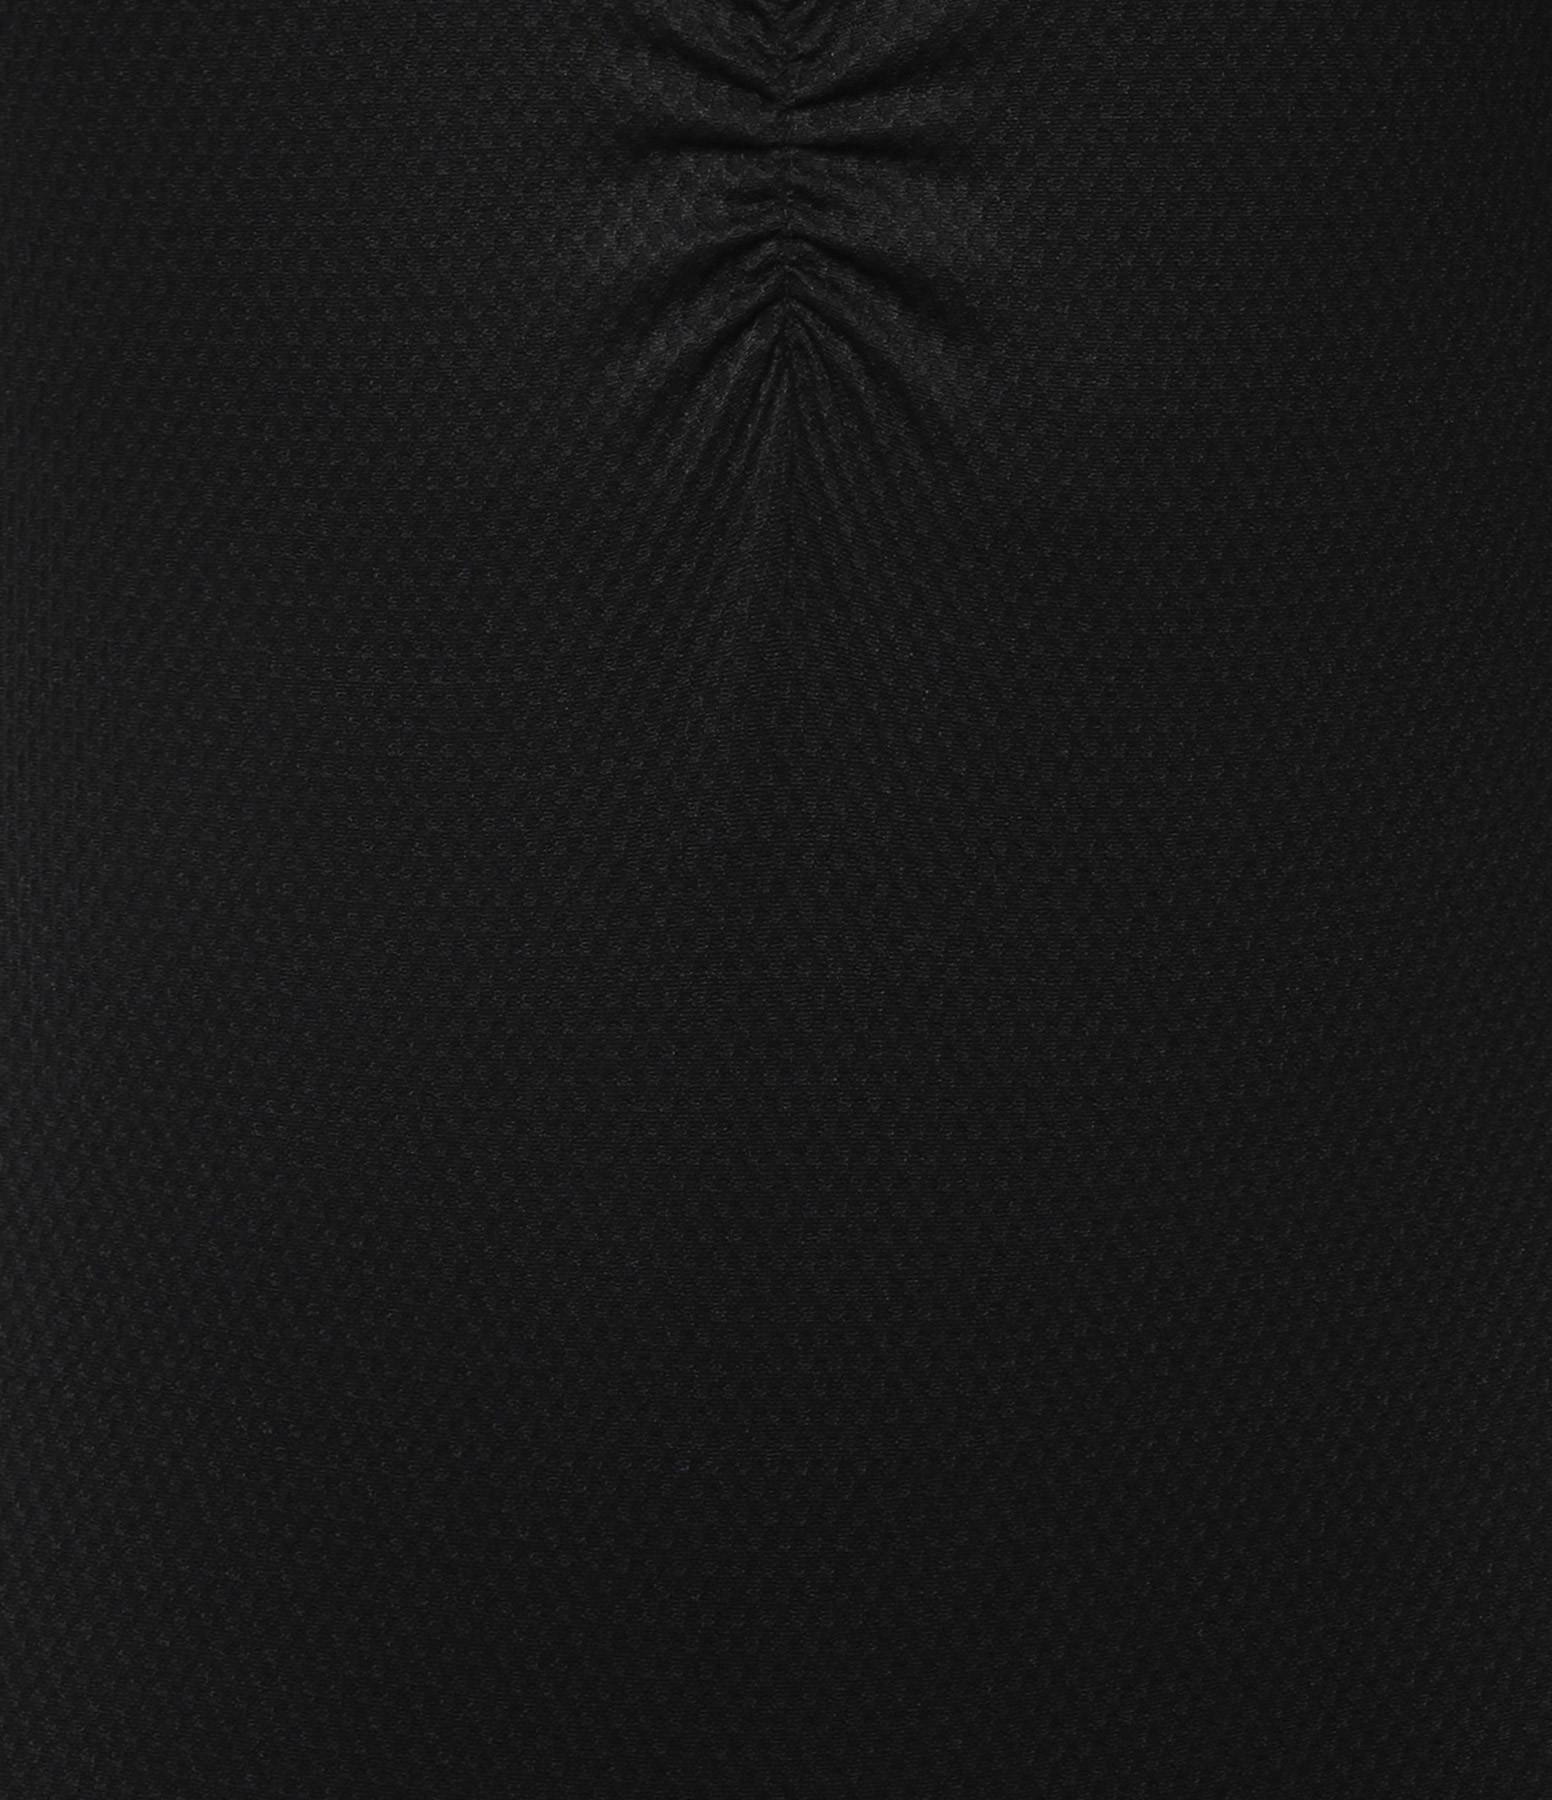 LA NOUVELLE - Maillot de Bain Bridget Soleil Noir